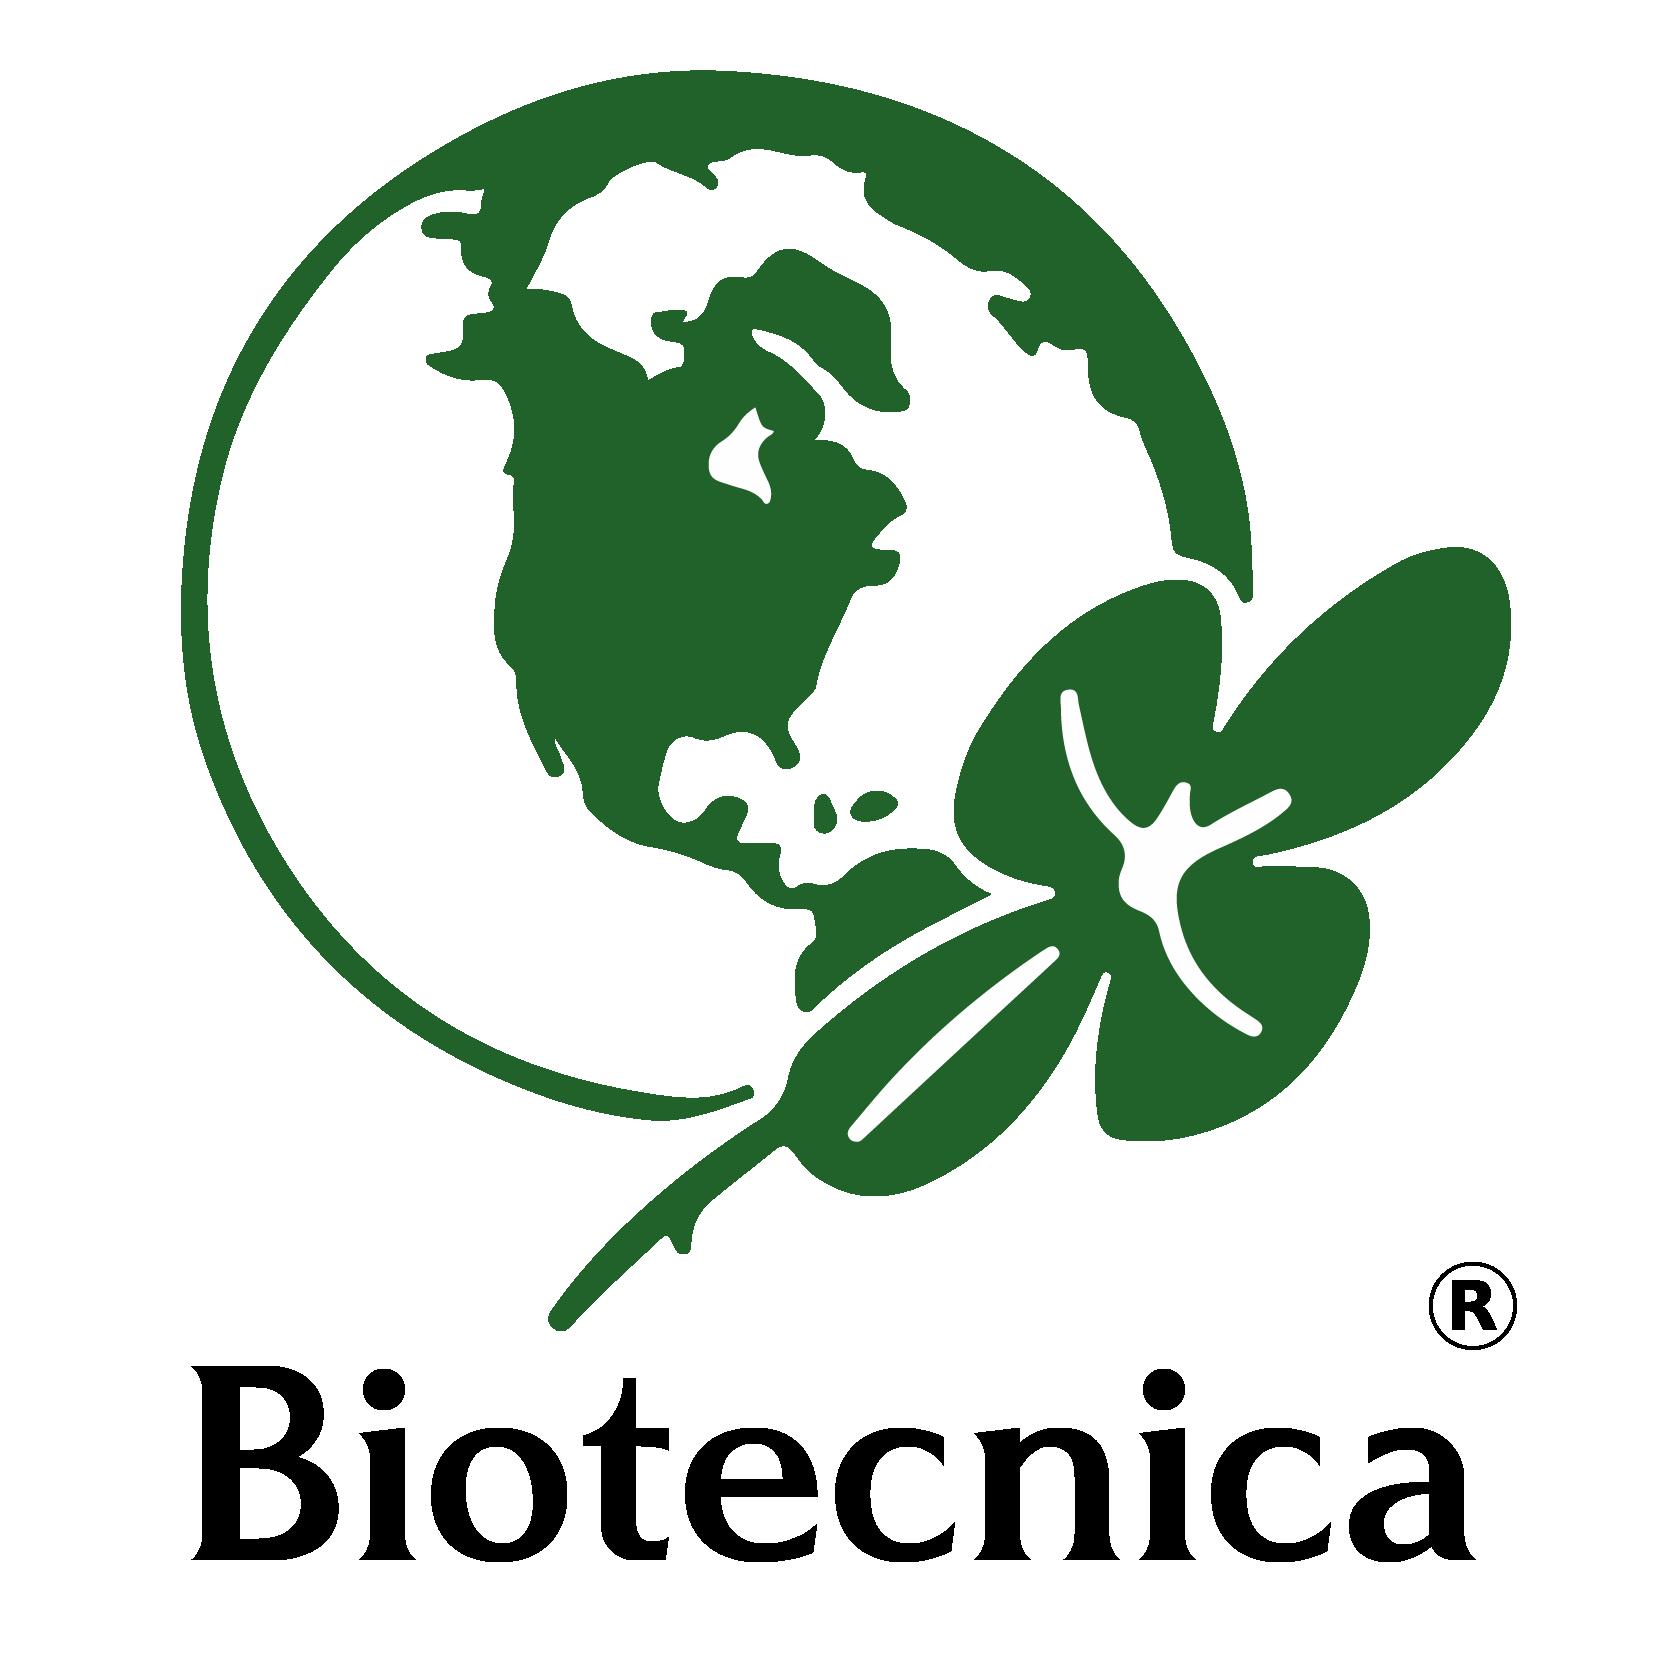 BIOTECNICAMEXICANA